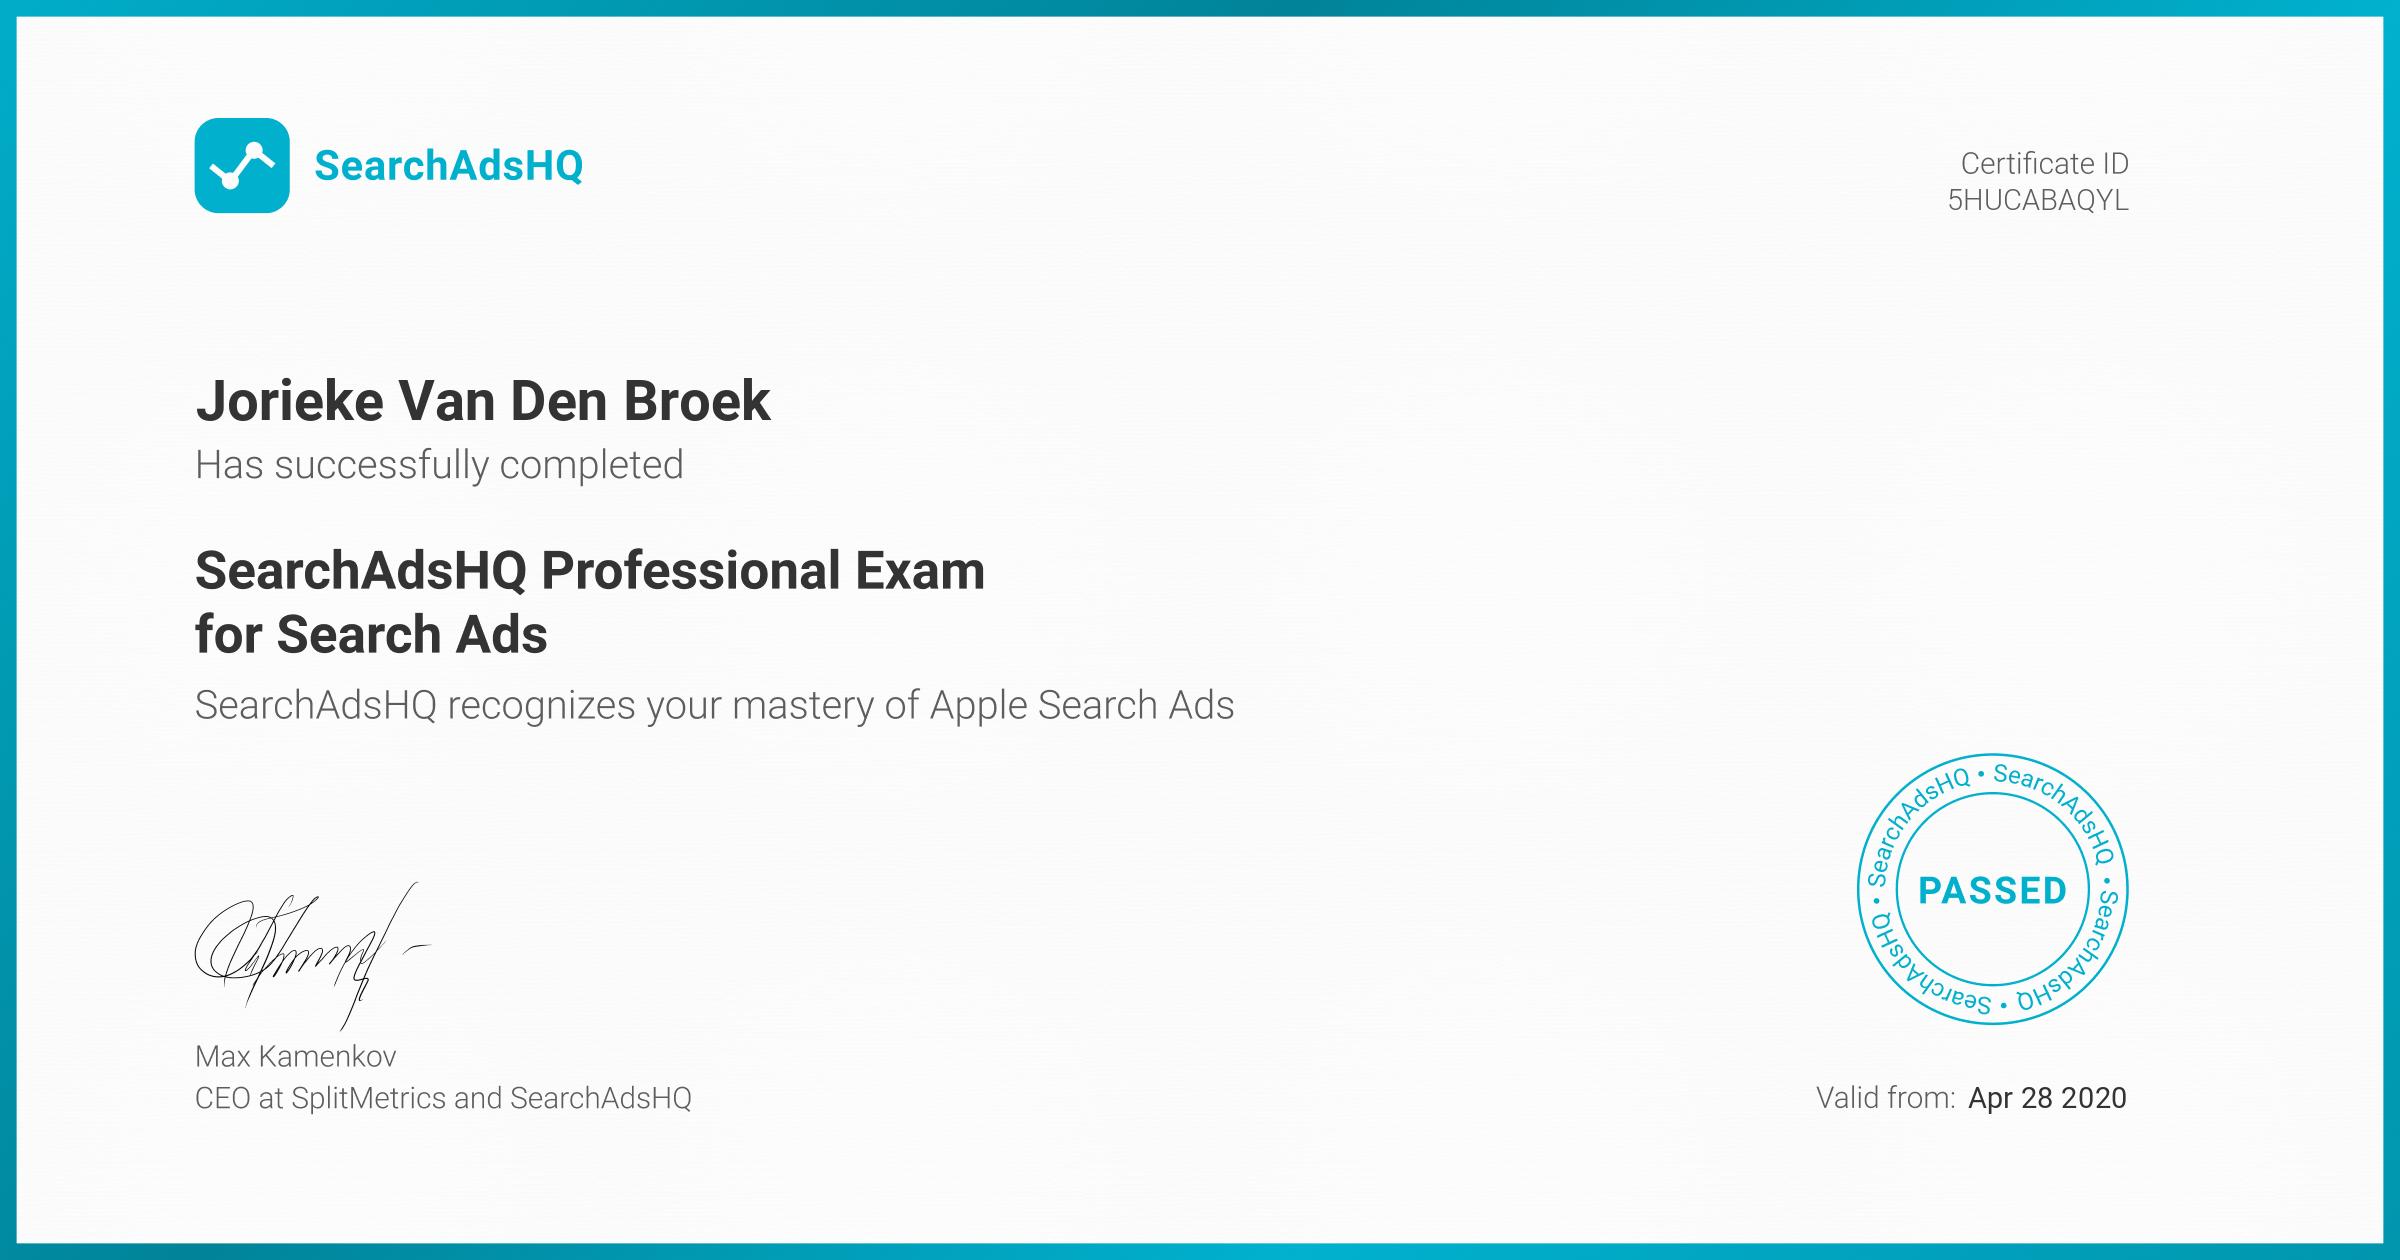 Certificate for Jorieke Van Den Broek | SearchAdsHQ Professional Exam for Search Ads